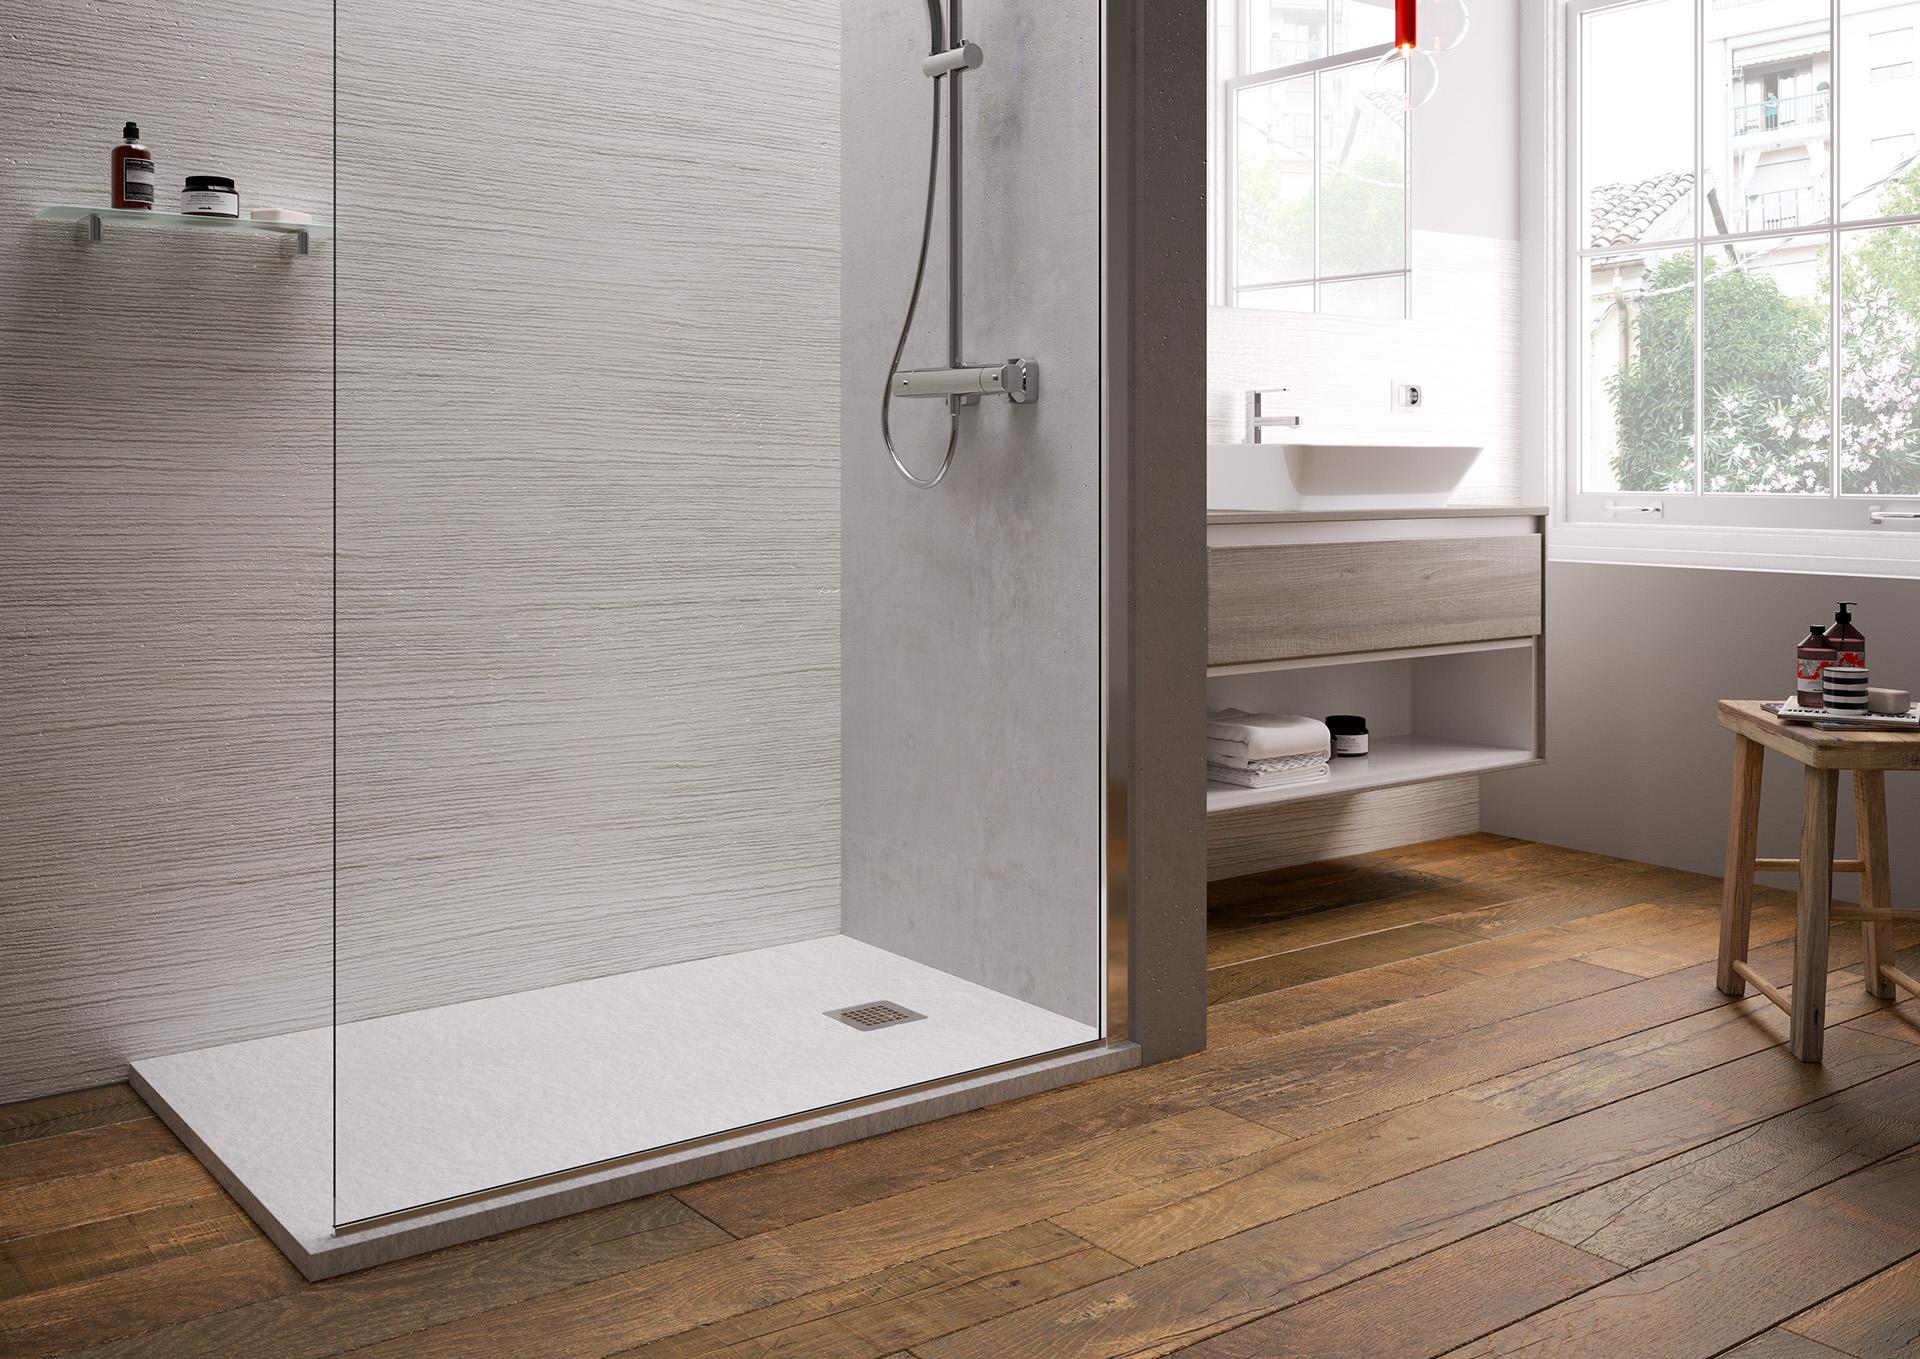 Docce Per Bagni Piccoli come arredare un bagno piccolo: 7 segreti dell'architetto